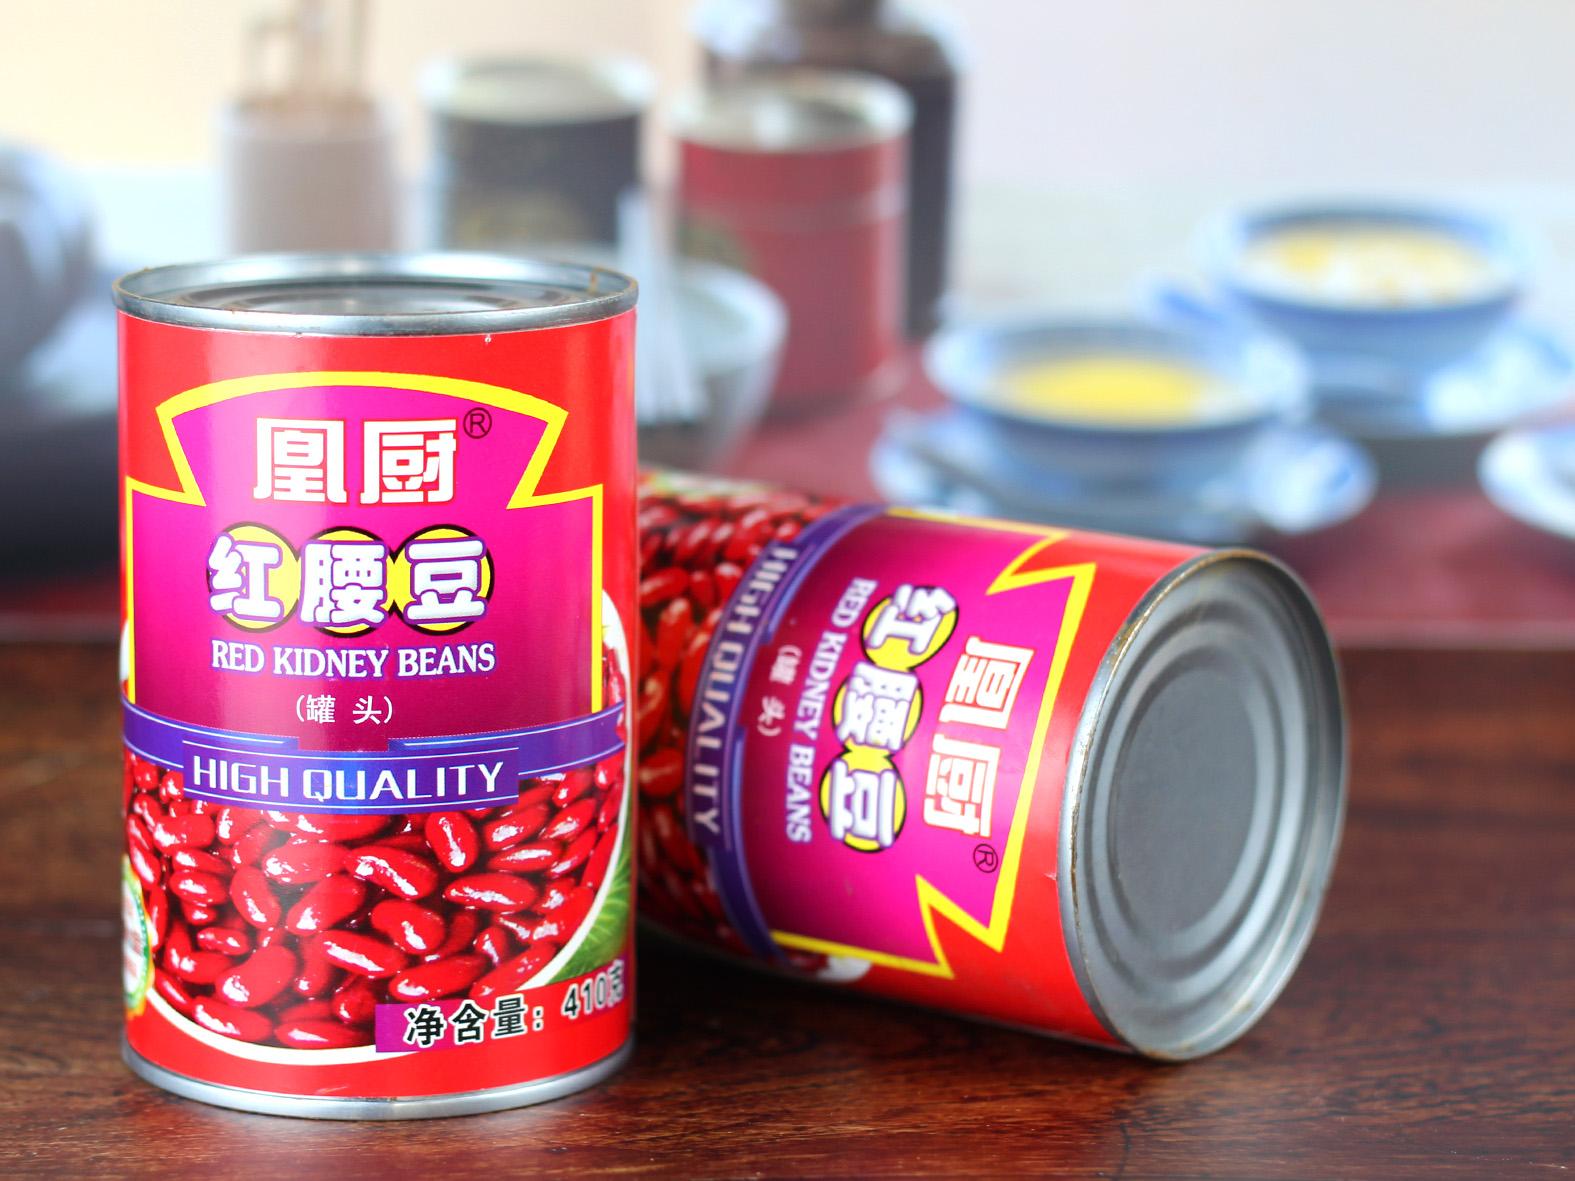 凰厨410g红腰豆